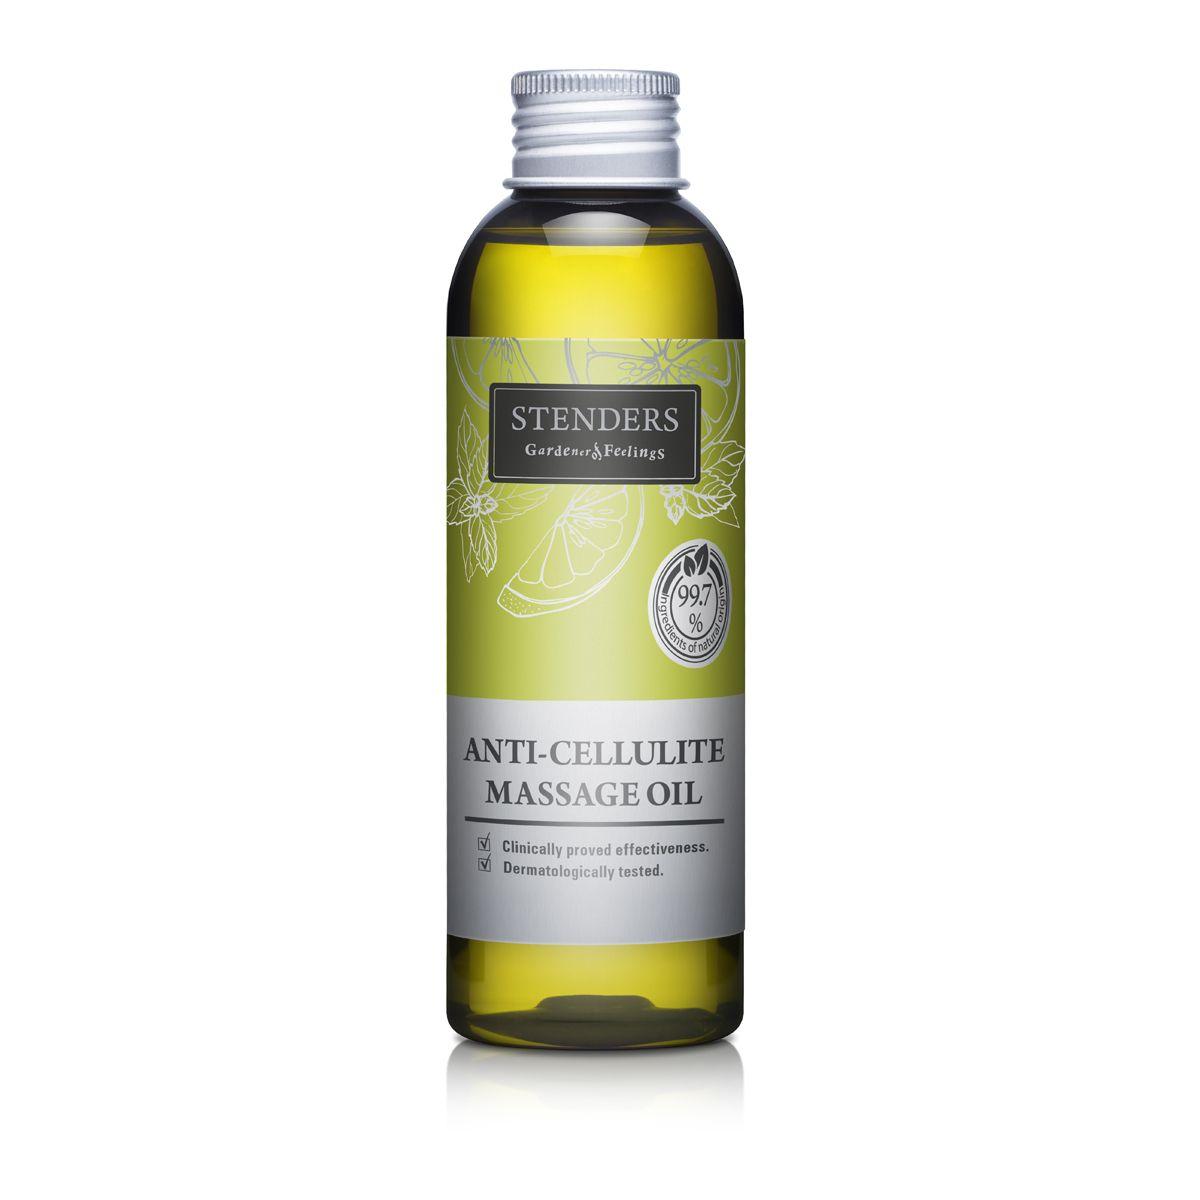 Stenders Масло для тела Антицеллюлитное 150 млFS-00103Регулярное использование этого масла при массаже позволяет достичь заметных результатов, предотвращая и заметно уменьшая эффект «апельсиновой корки».